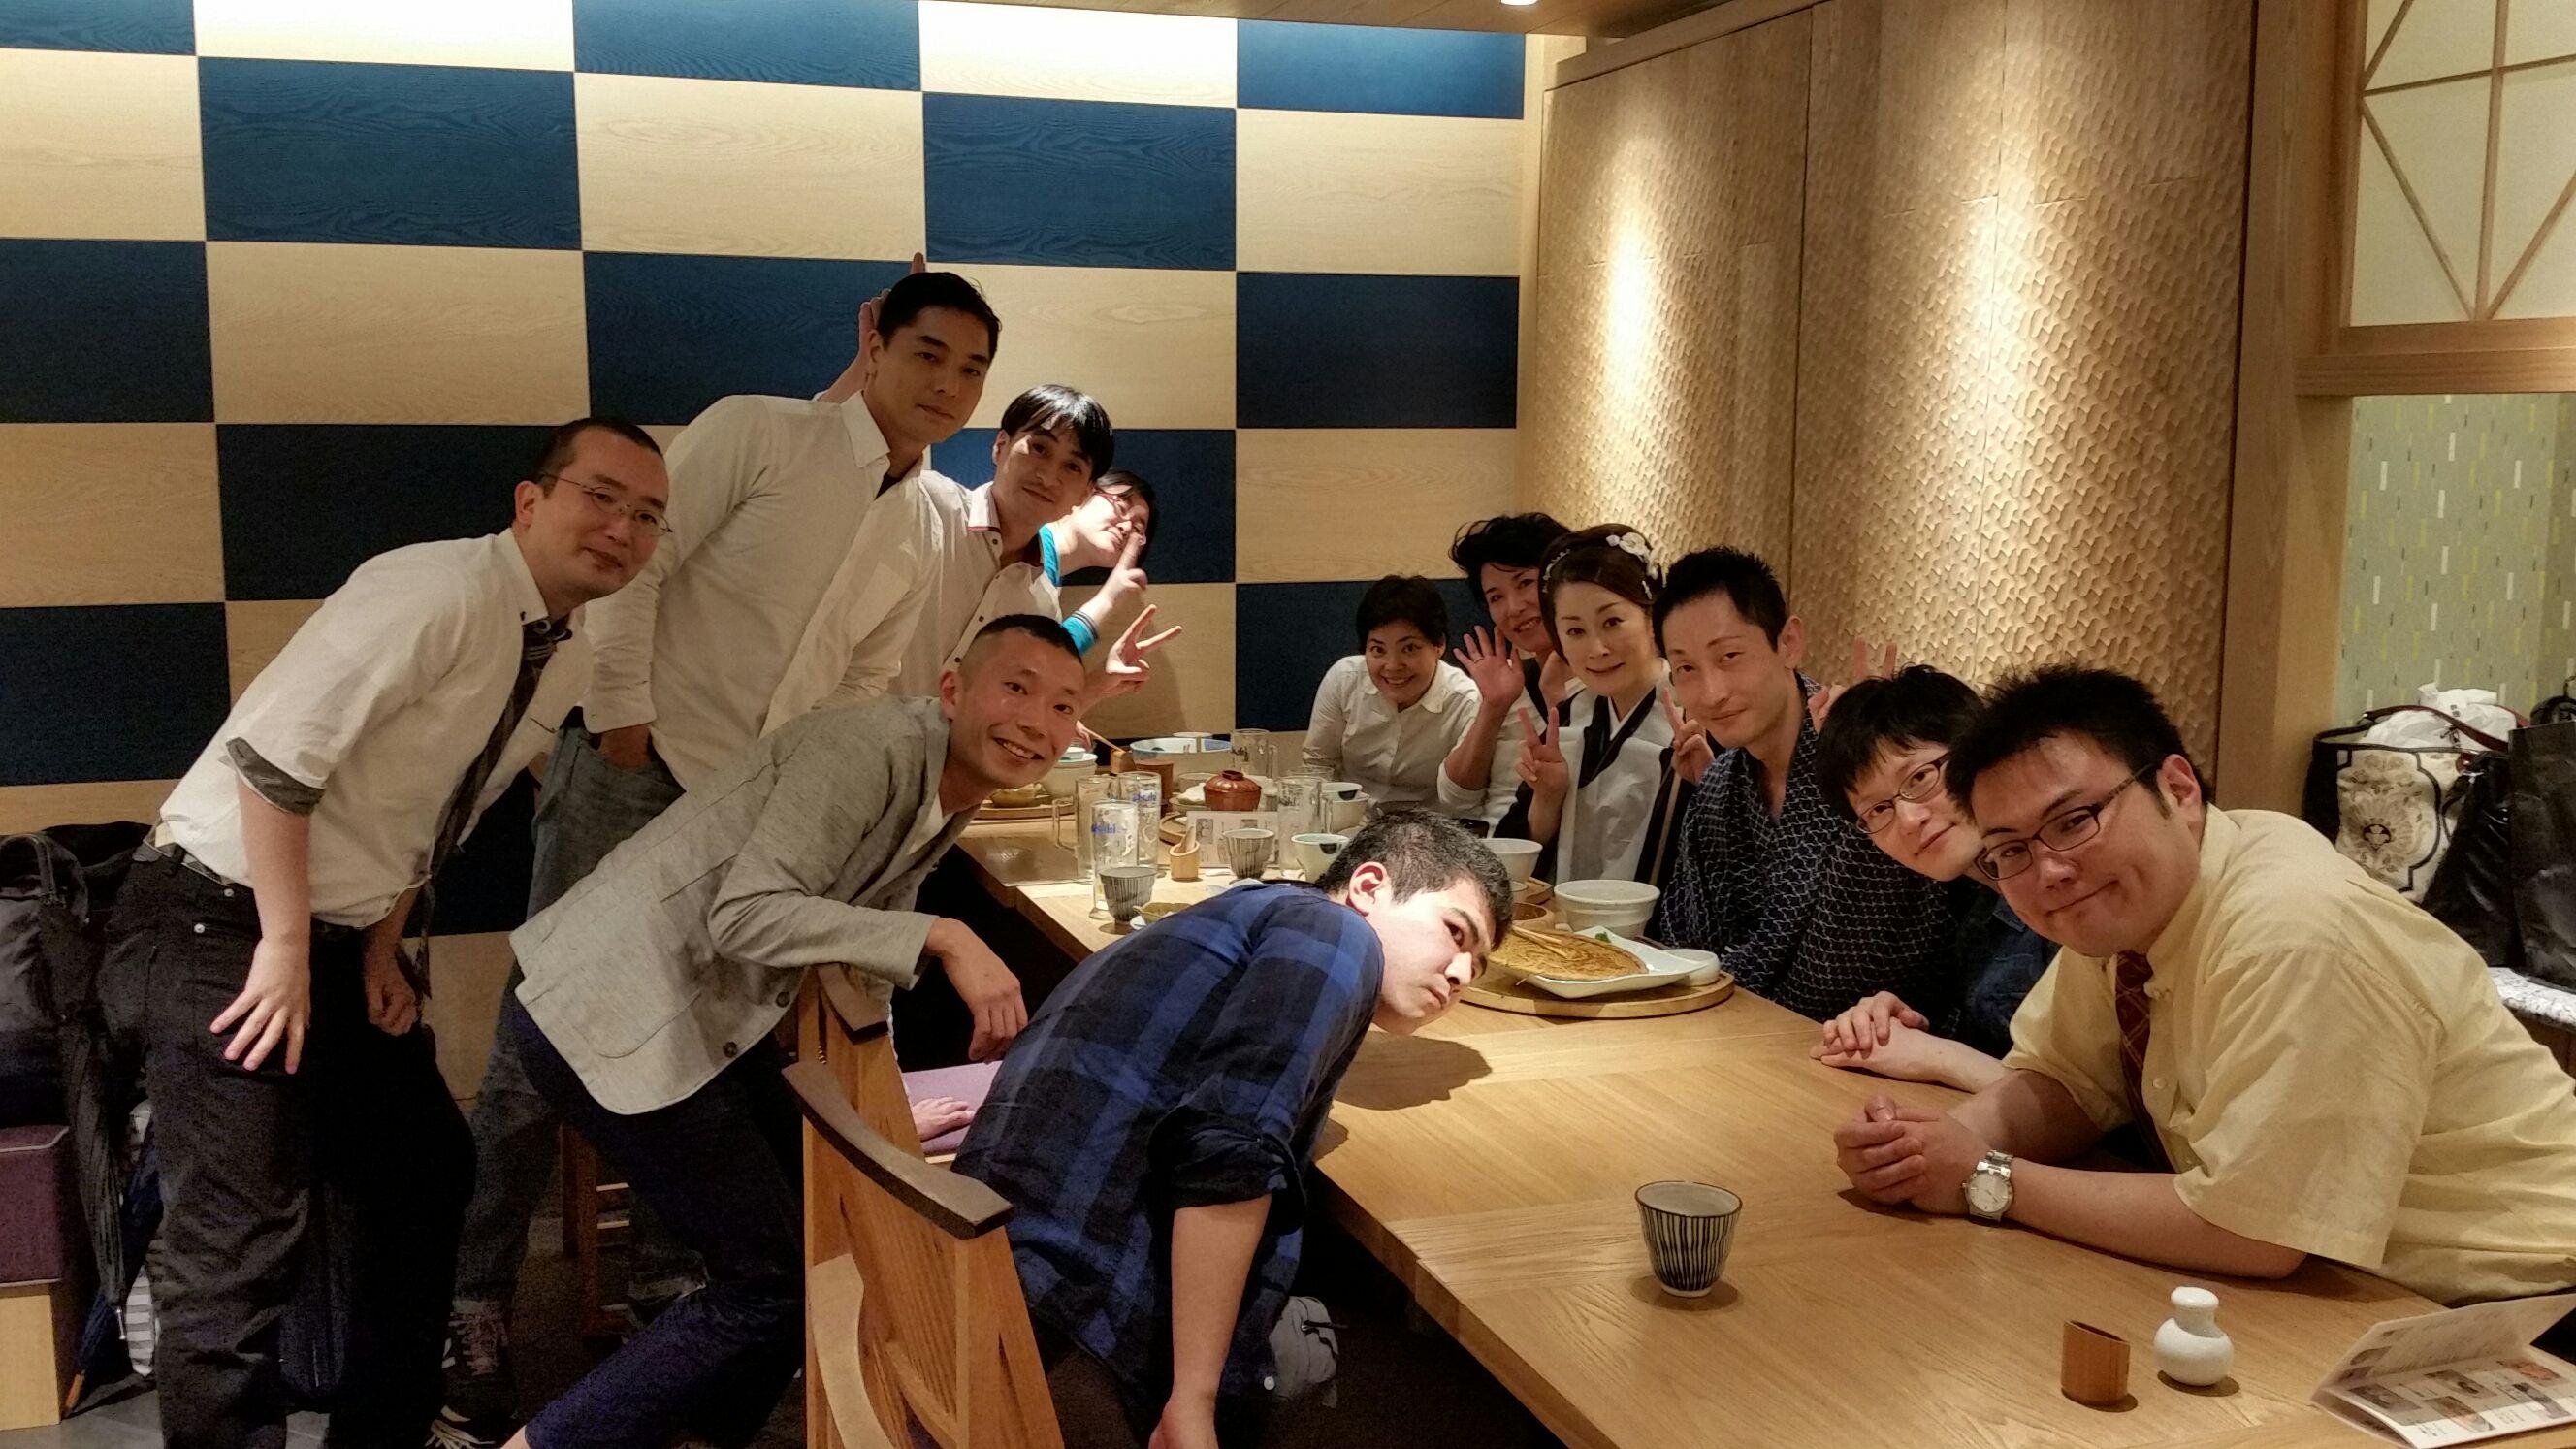 桂夏丸・神田蘭真打昇進披露興行3<br />  0日目(池袋演芸場6<br />  月中席)